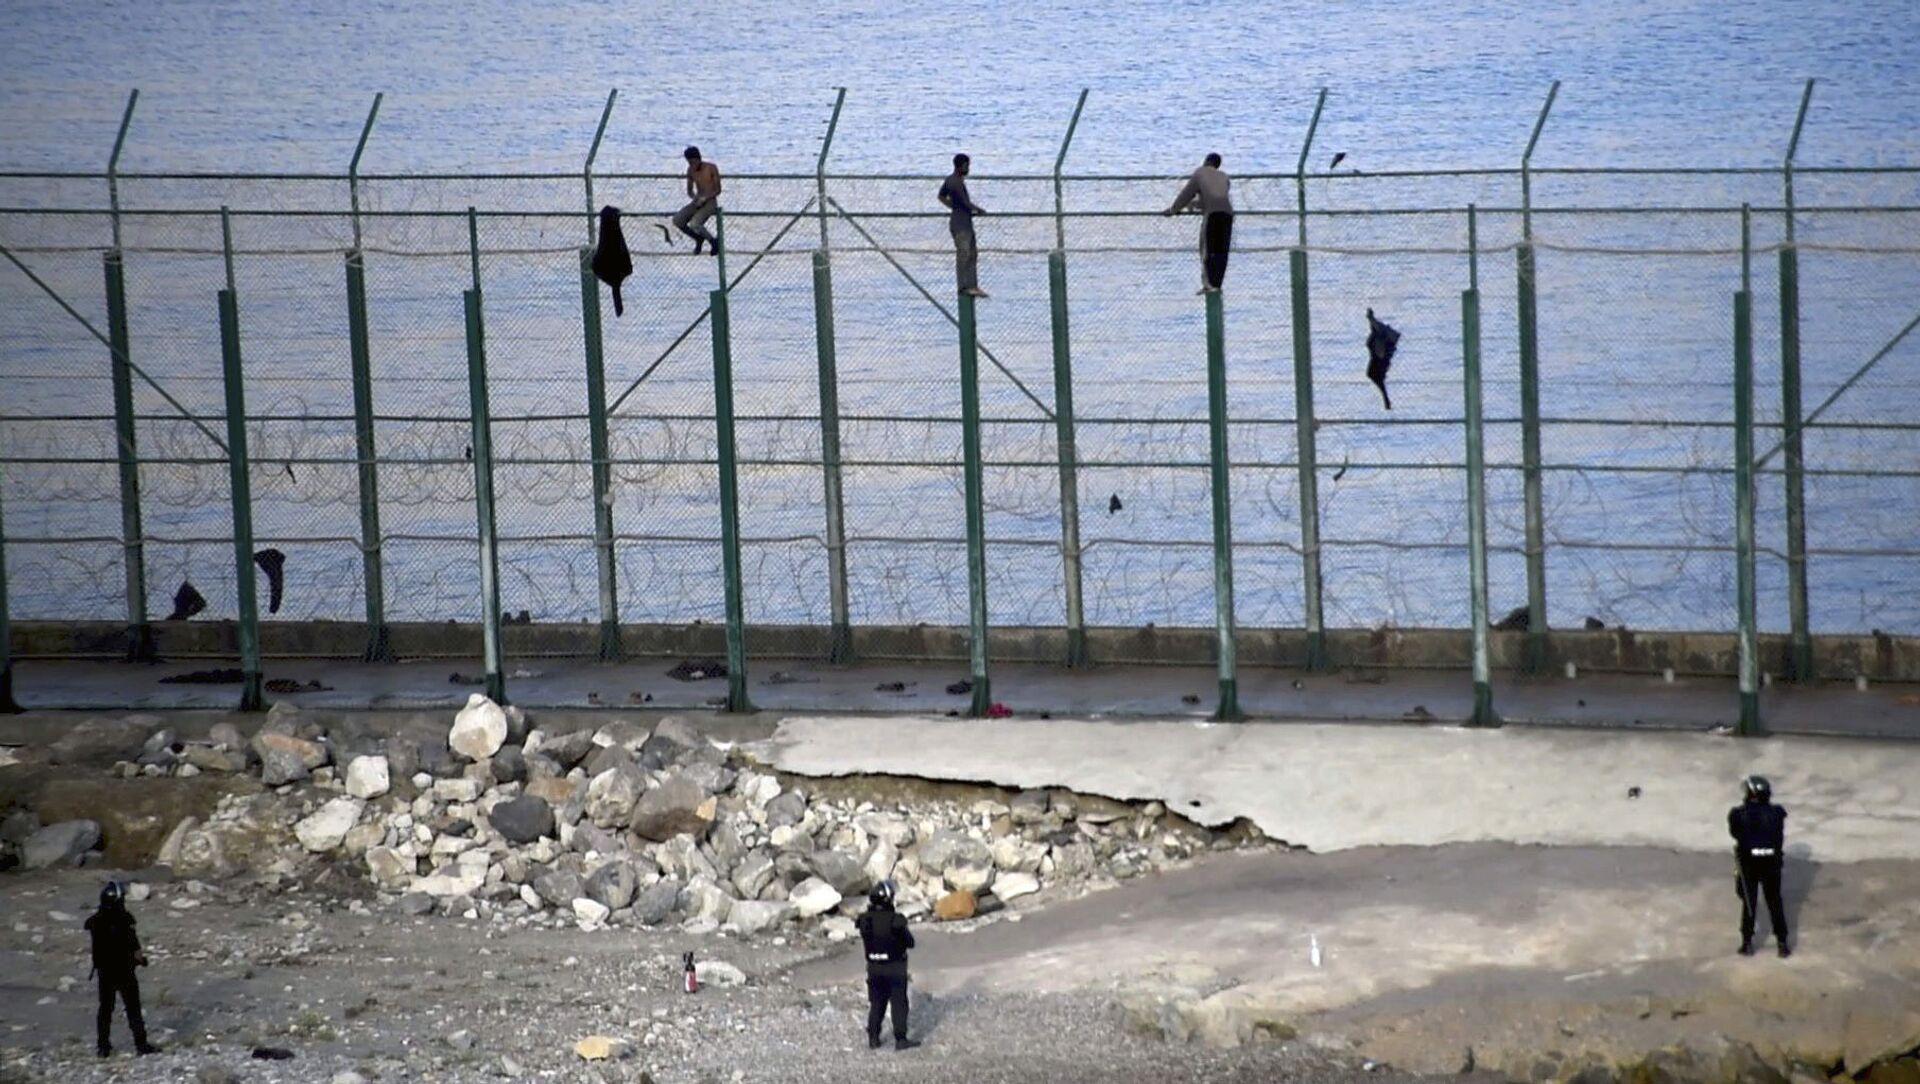 Migrantes en la valla fronteriza que separa la ciudad autónoma española de Ceuta de Marruecos - Sputnik Mundo, 1920, 27.05.2020